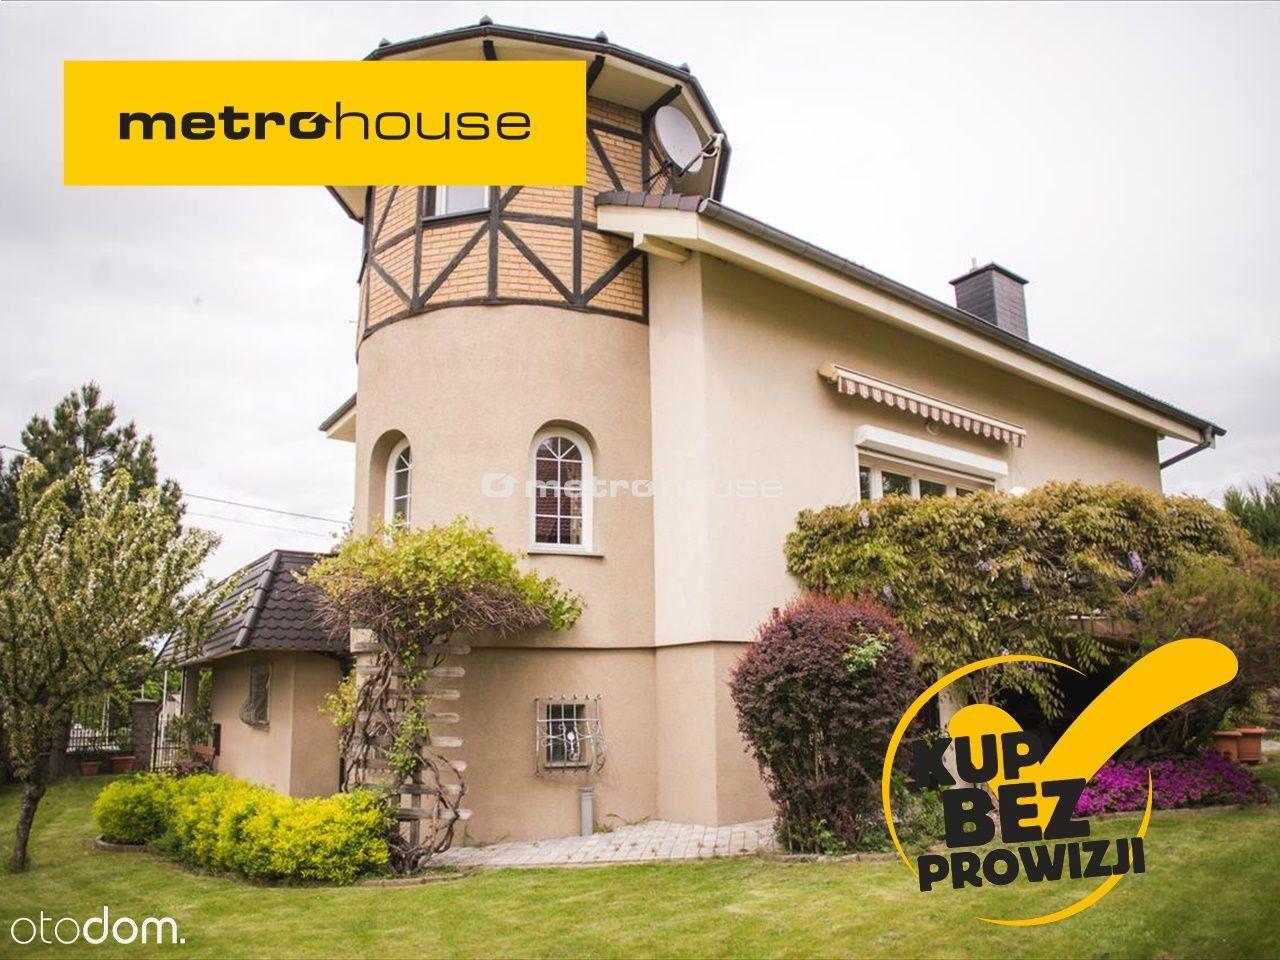 Przepiękny dom z działką budowlaną ! Okazja !